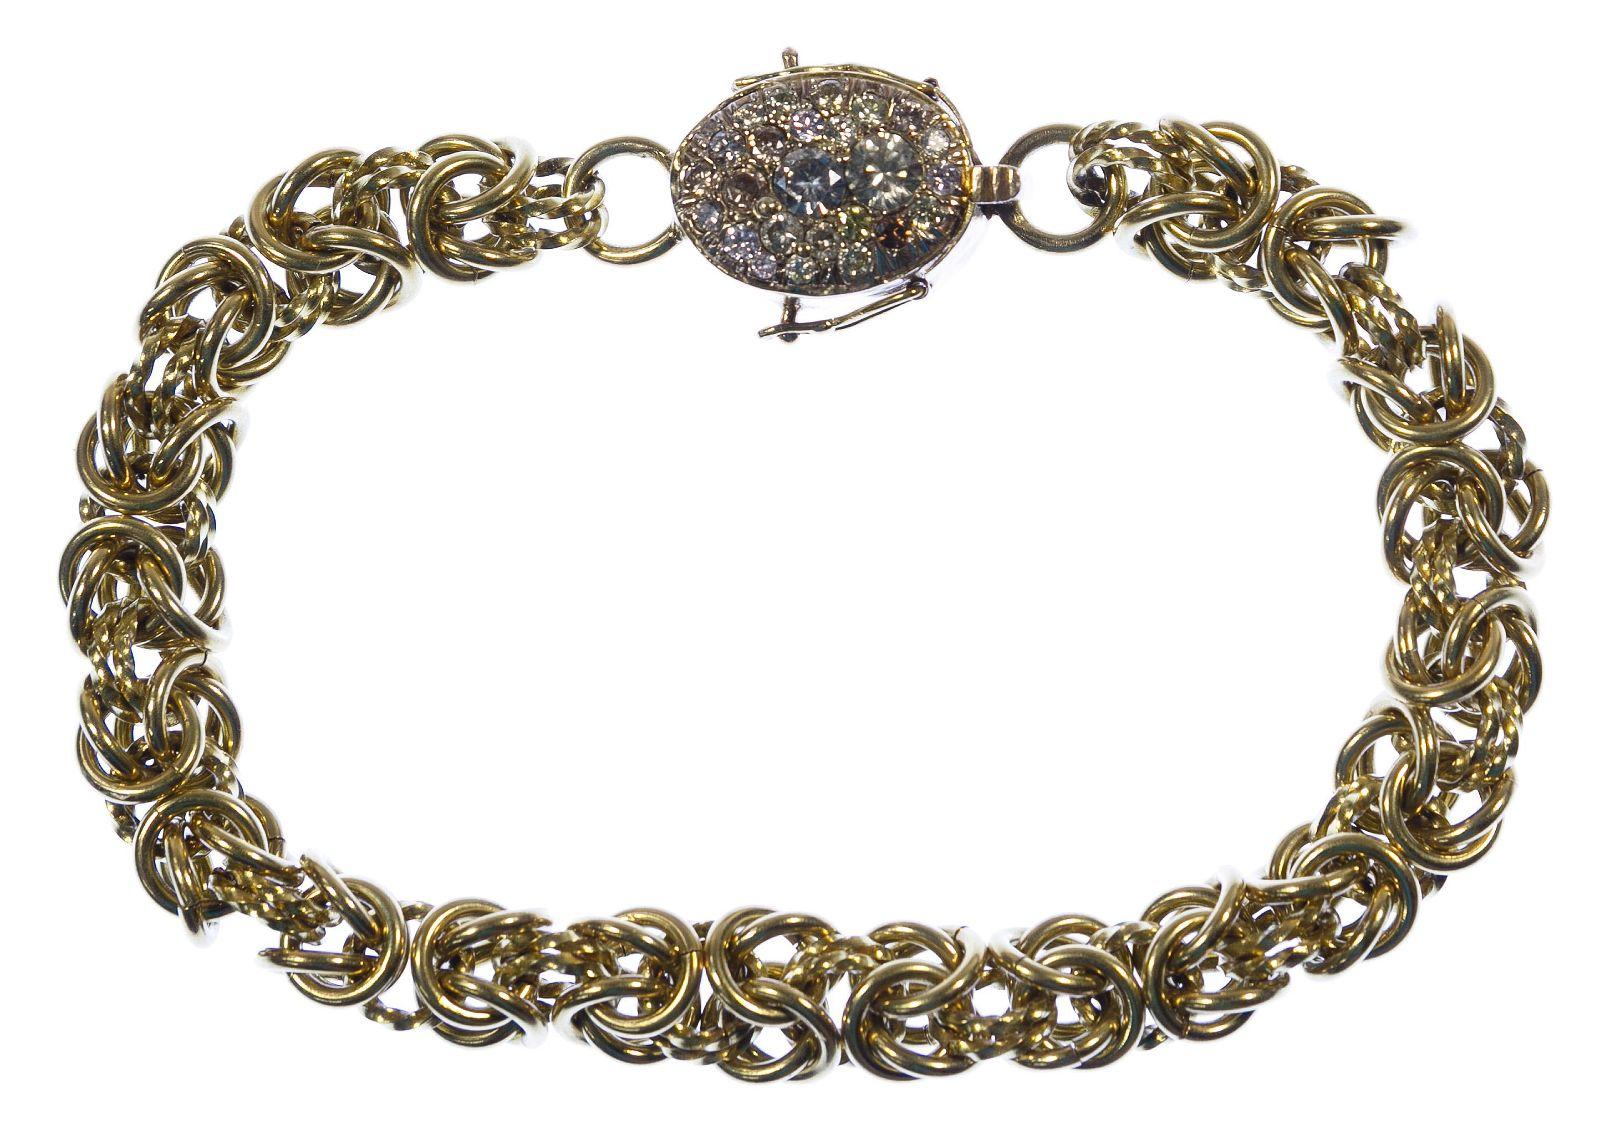 18k / 14k Gold and Gemstone Byzantine Link Bracelet